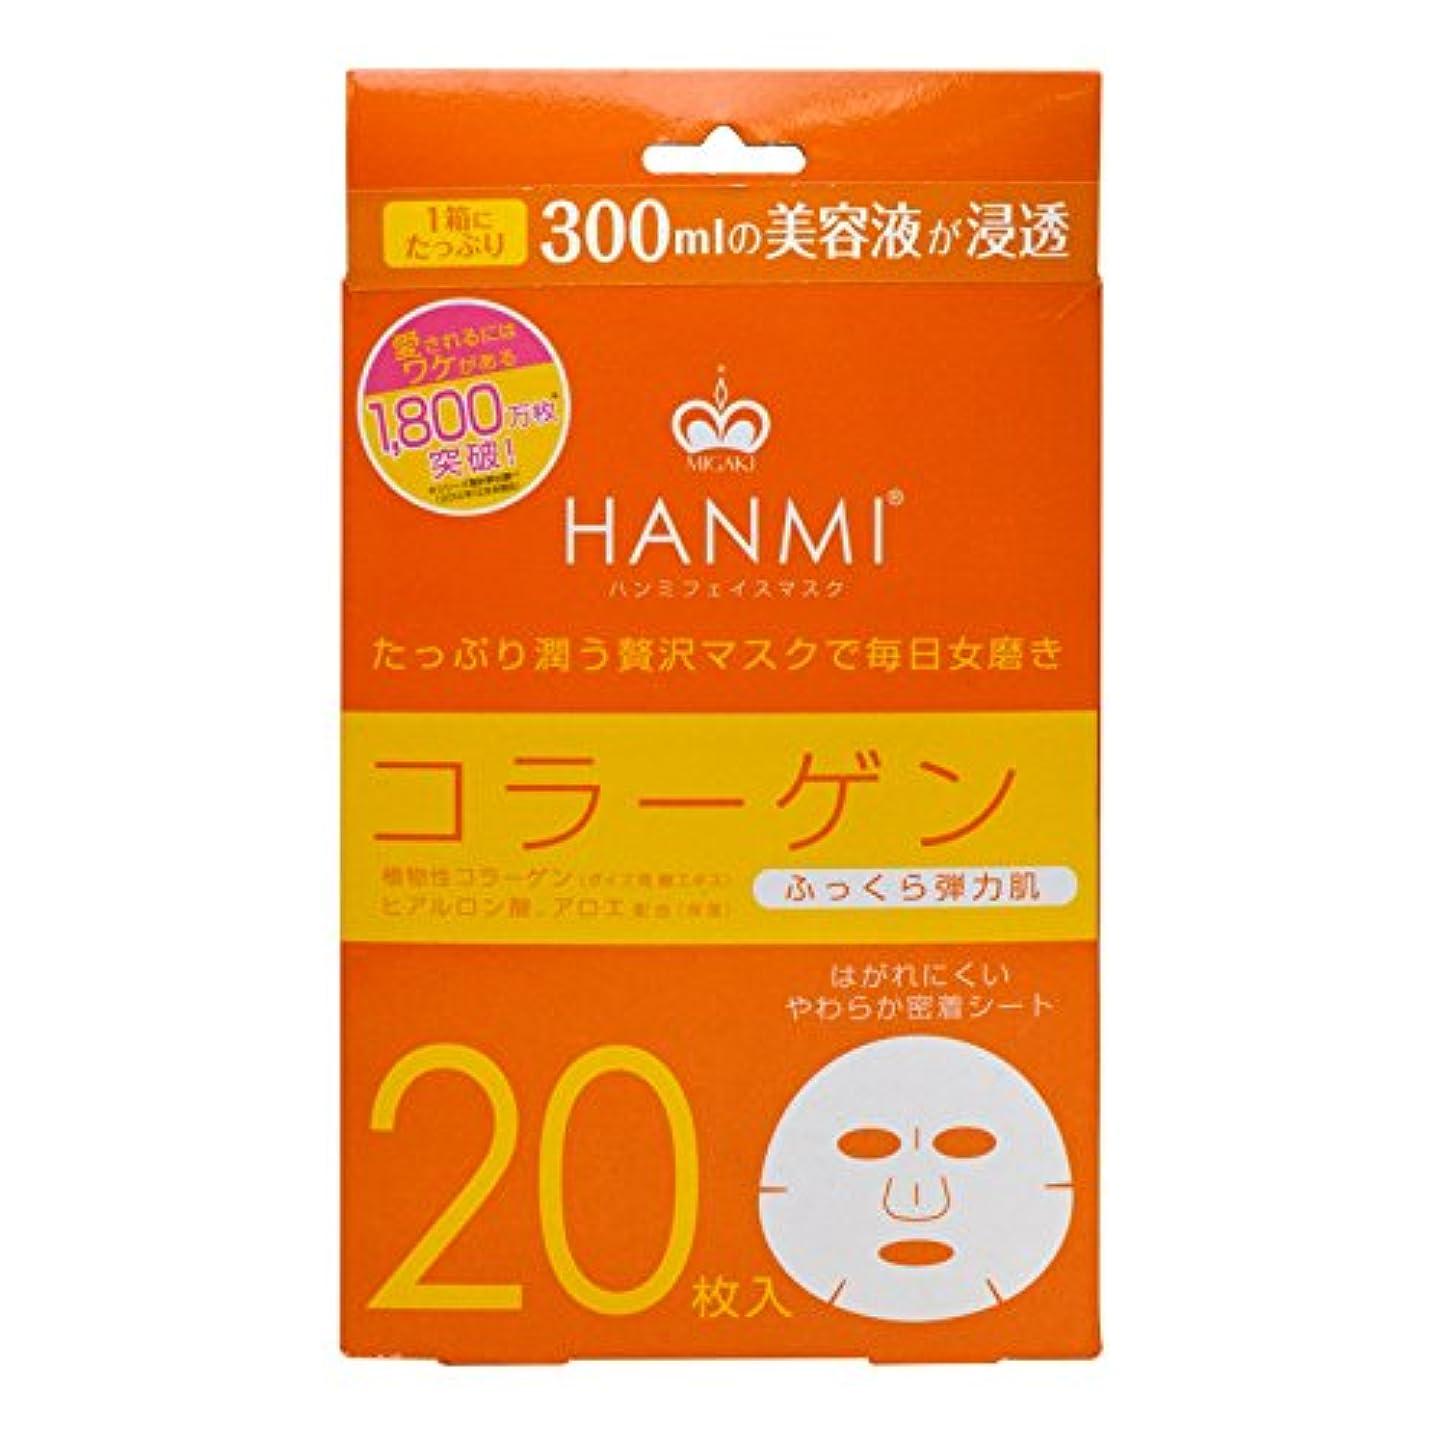 スーパーマーケットベット薄めるMIGAKI ハンミフェイスマスク コラーゲン 20枚入り